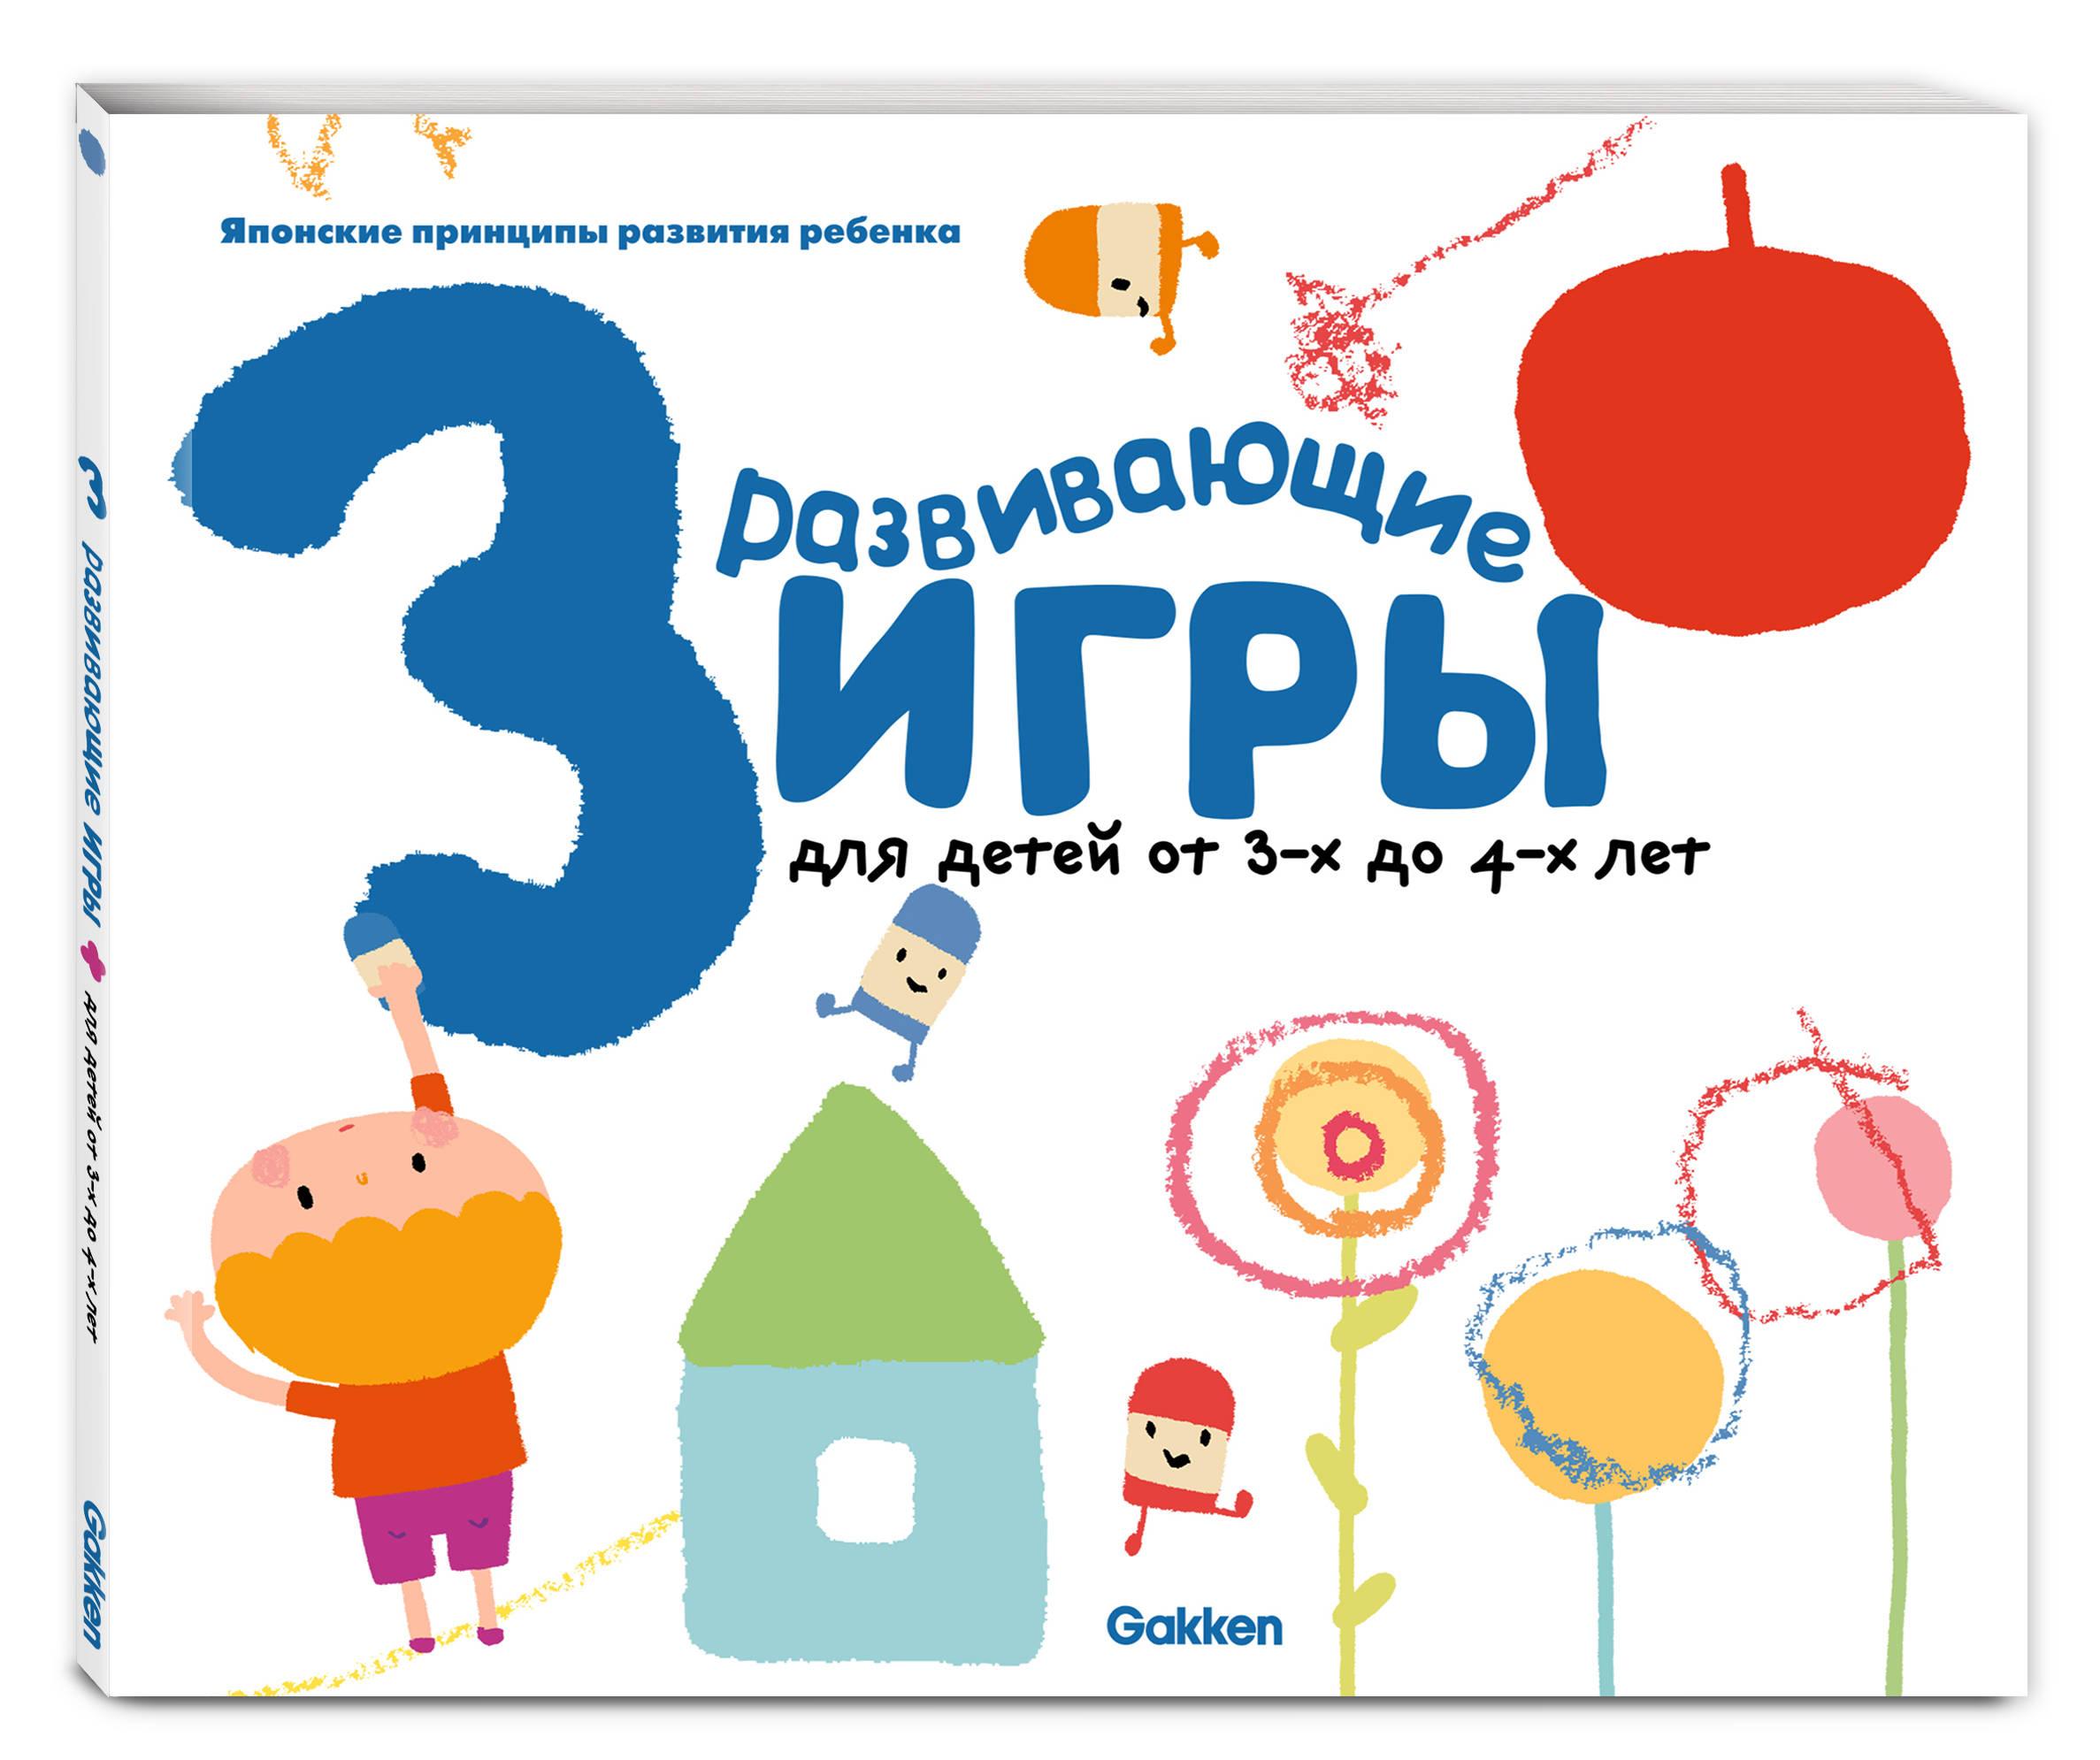 Gakken. Развивающие игры для детей от 3-х до 4-х лет (с наклейками) талалаева е ред gakken развивающие игры для детей от 3 до 4 лет isbn 9785699826629